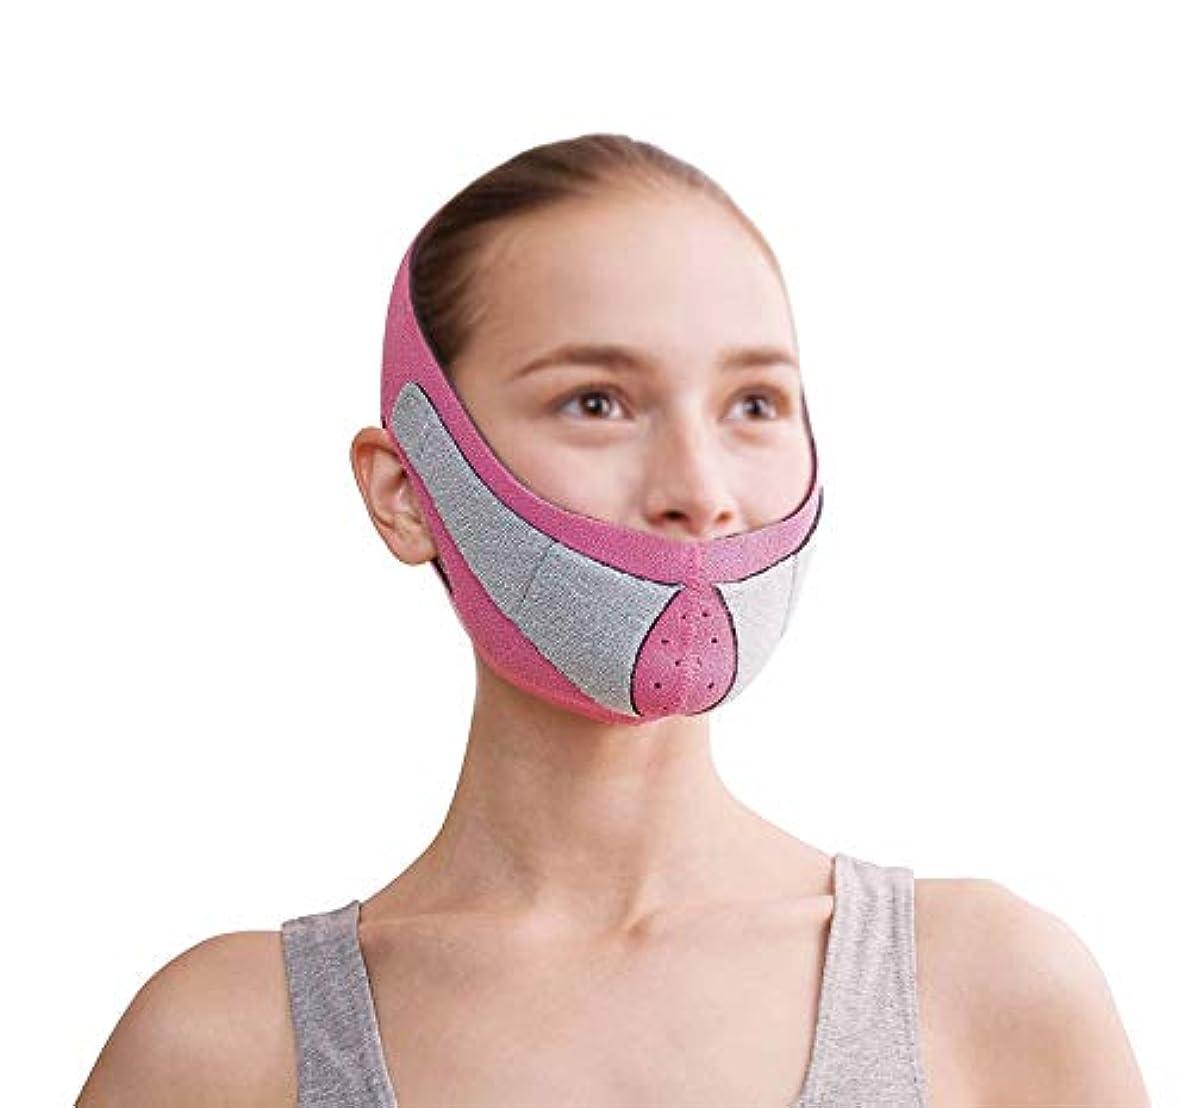 バーベキュー発揮する規制するGLJJQMY 薄い顔のマスクのマスクと垂れ下がり防止の薄い顔のマスク薄い顔のマスクのアーティファクトの美しさの首ネックストラップを引き締め 顔用整形マスク